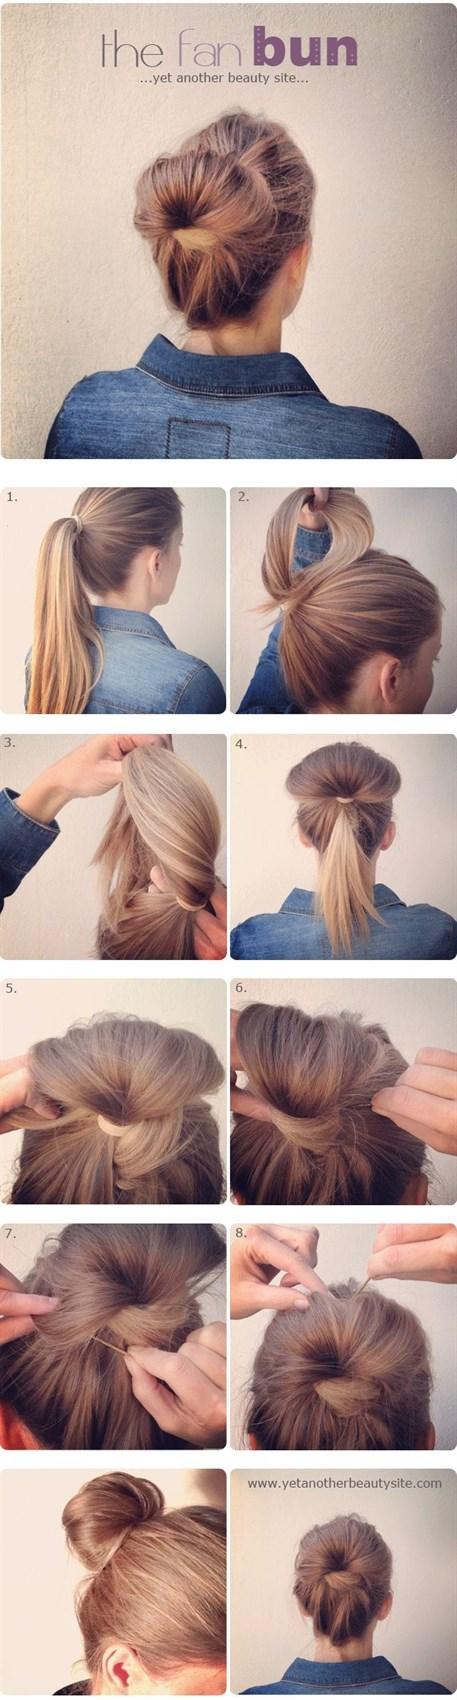 Простая прическа на длинные волосы своими руками